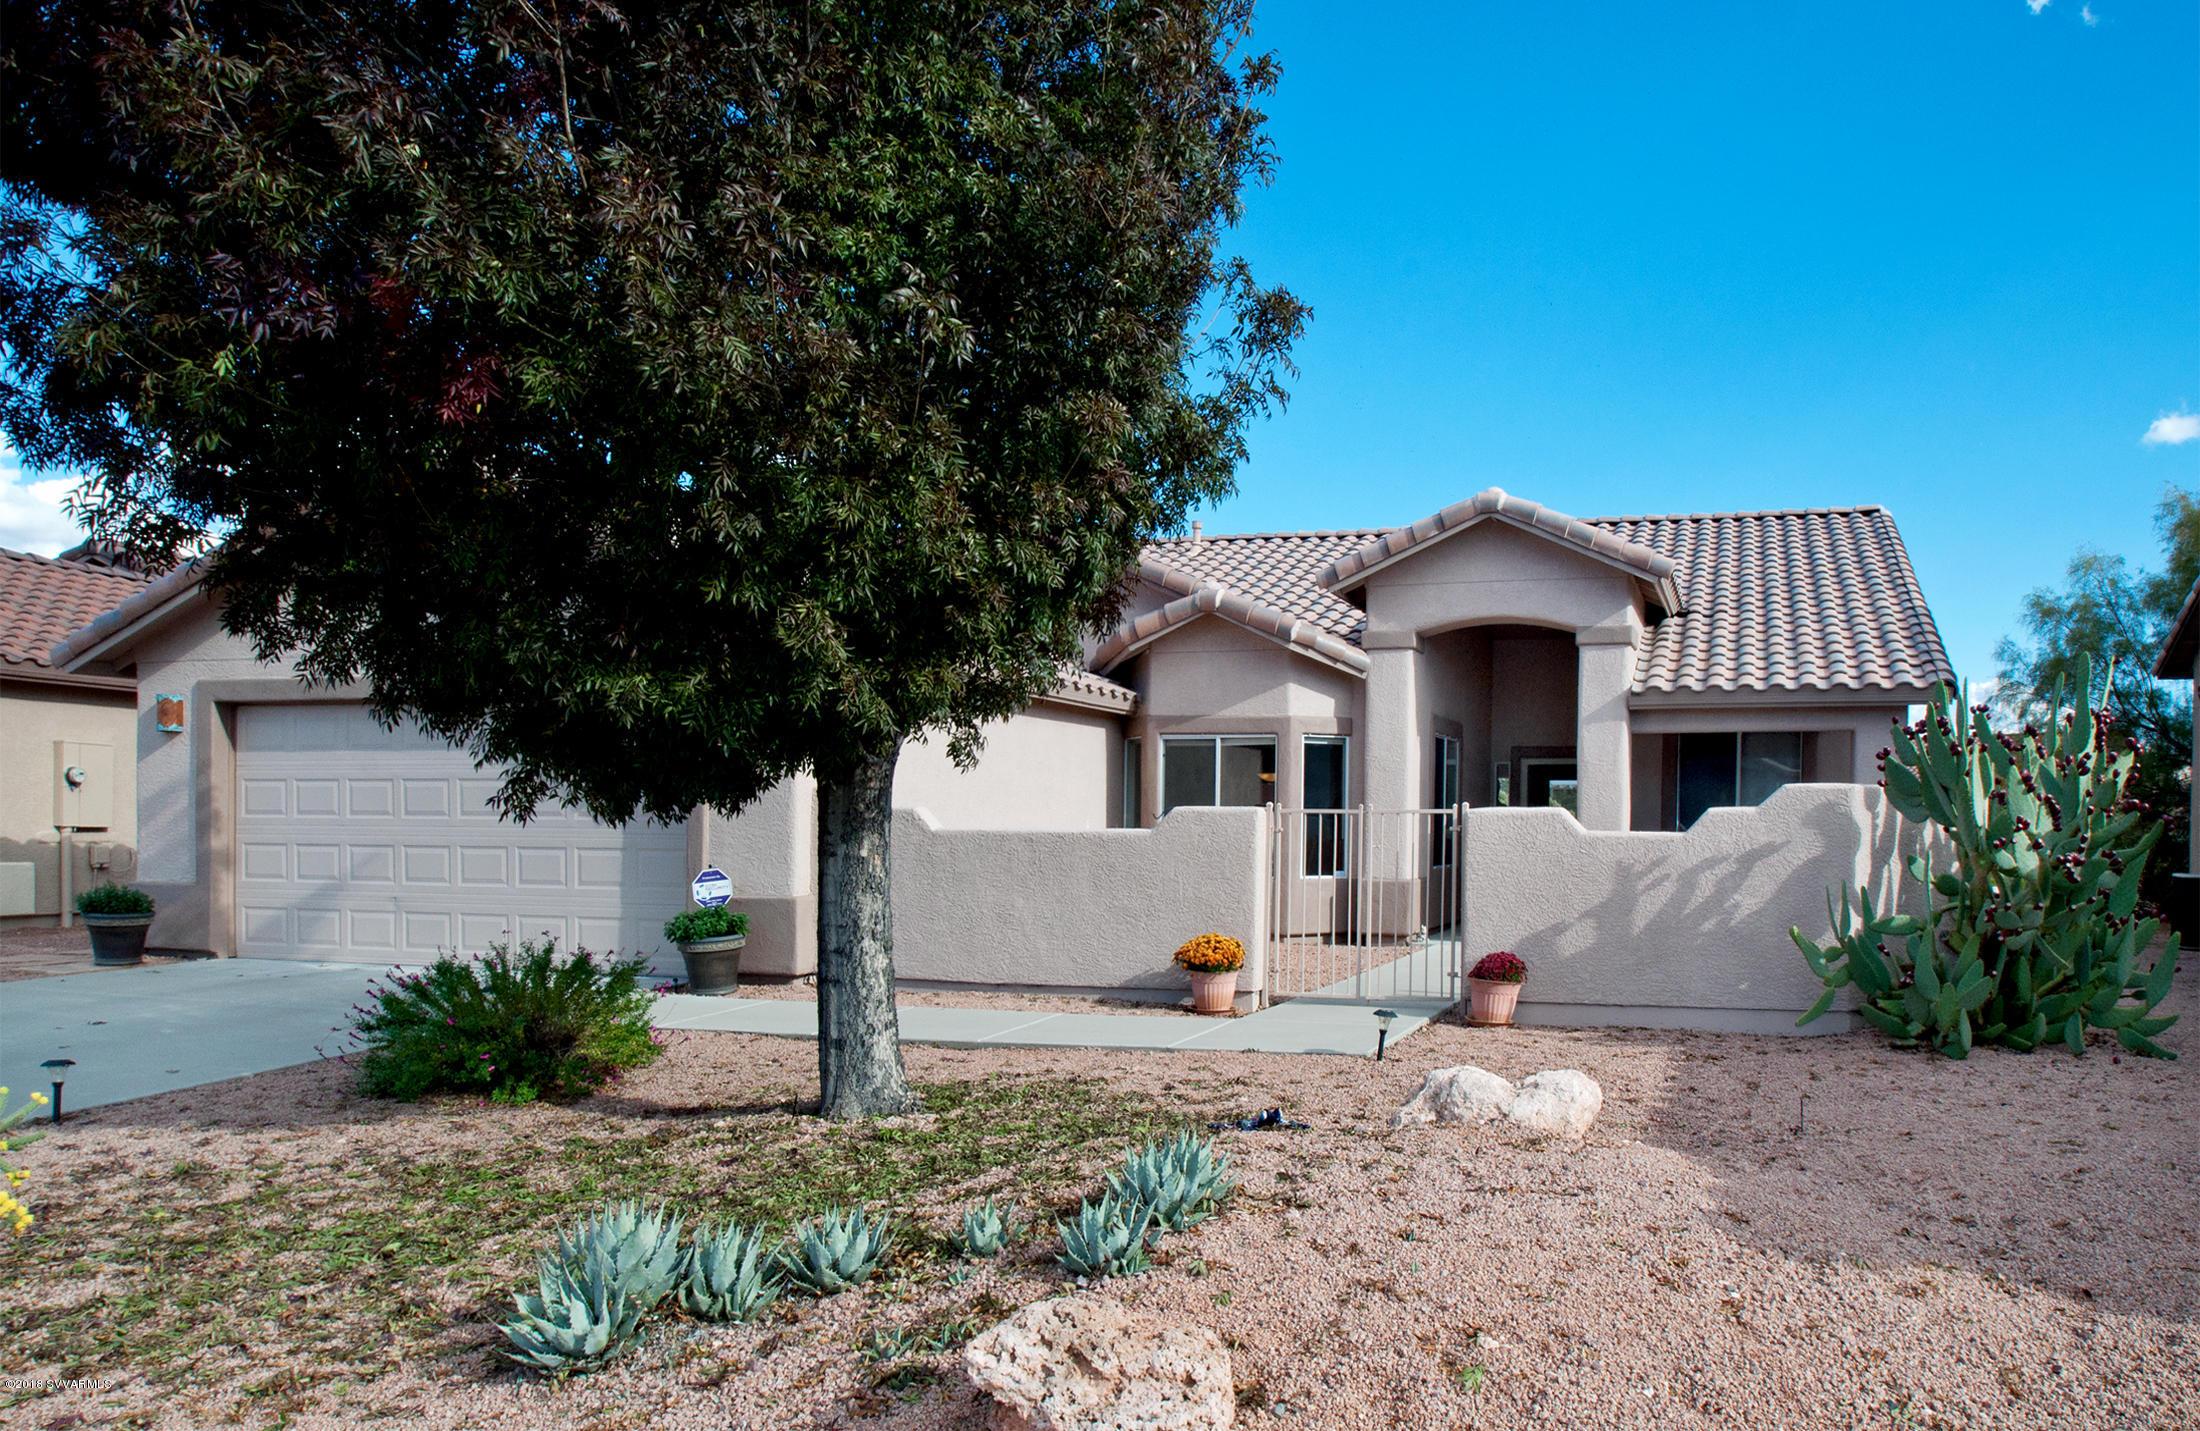 735 S Rising View Court #130 Cornville, AZ 86325